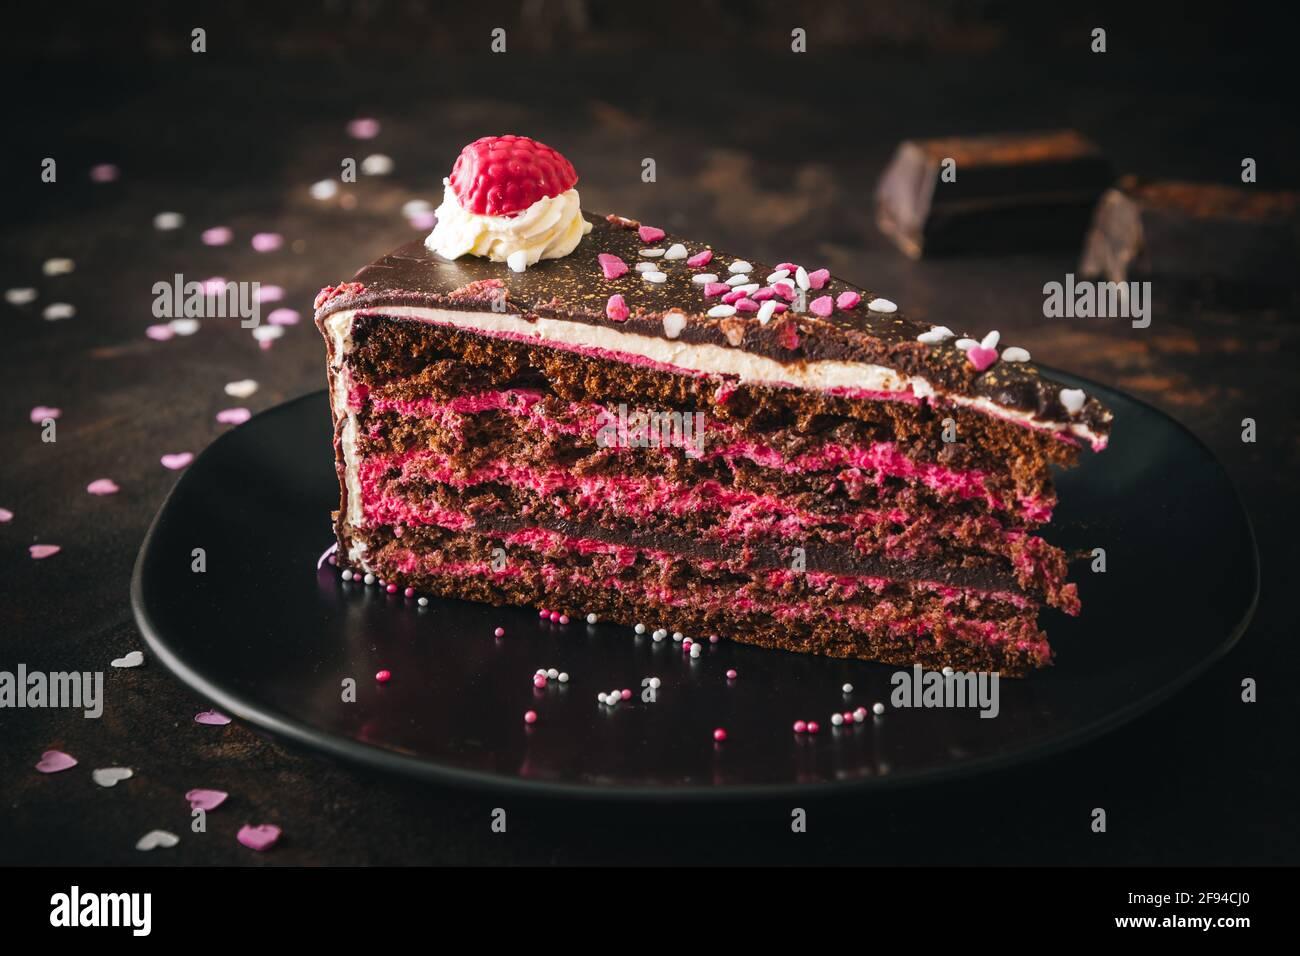 Pieza de torta de chocolate de frambuesa sobre un plato negro fondo marrón oscuro Foto de stock